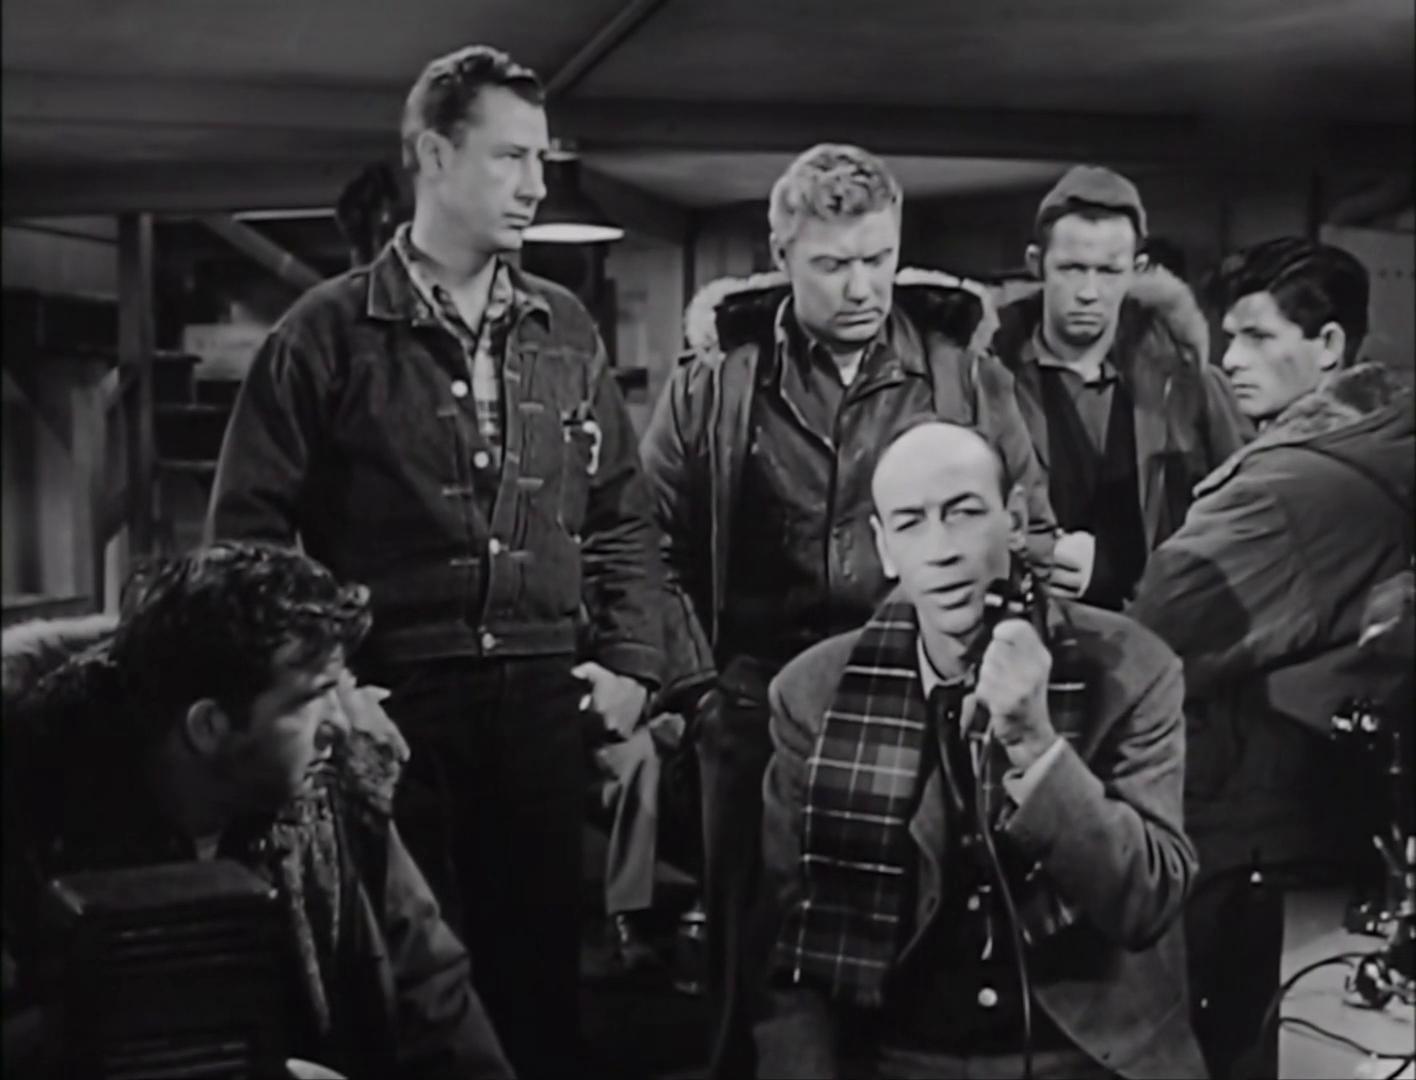 Douglas Spencer dans le film The thing from another world (La chose d'un autre monde, 1951) de Christian Nyby